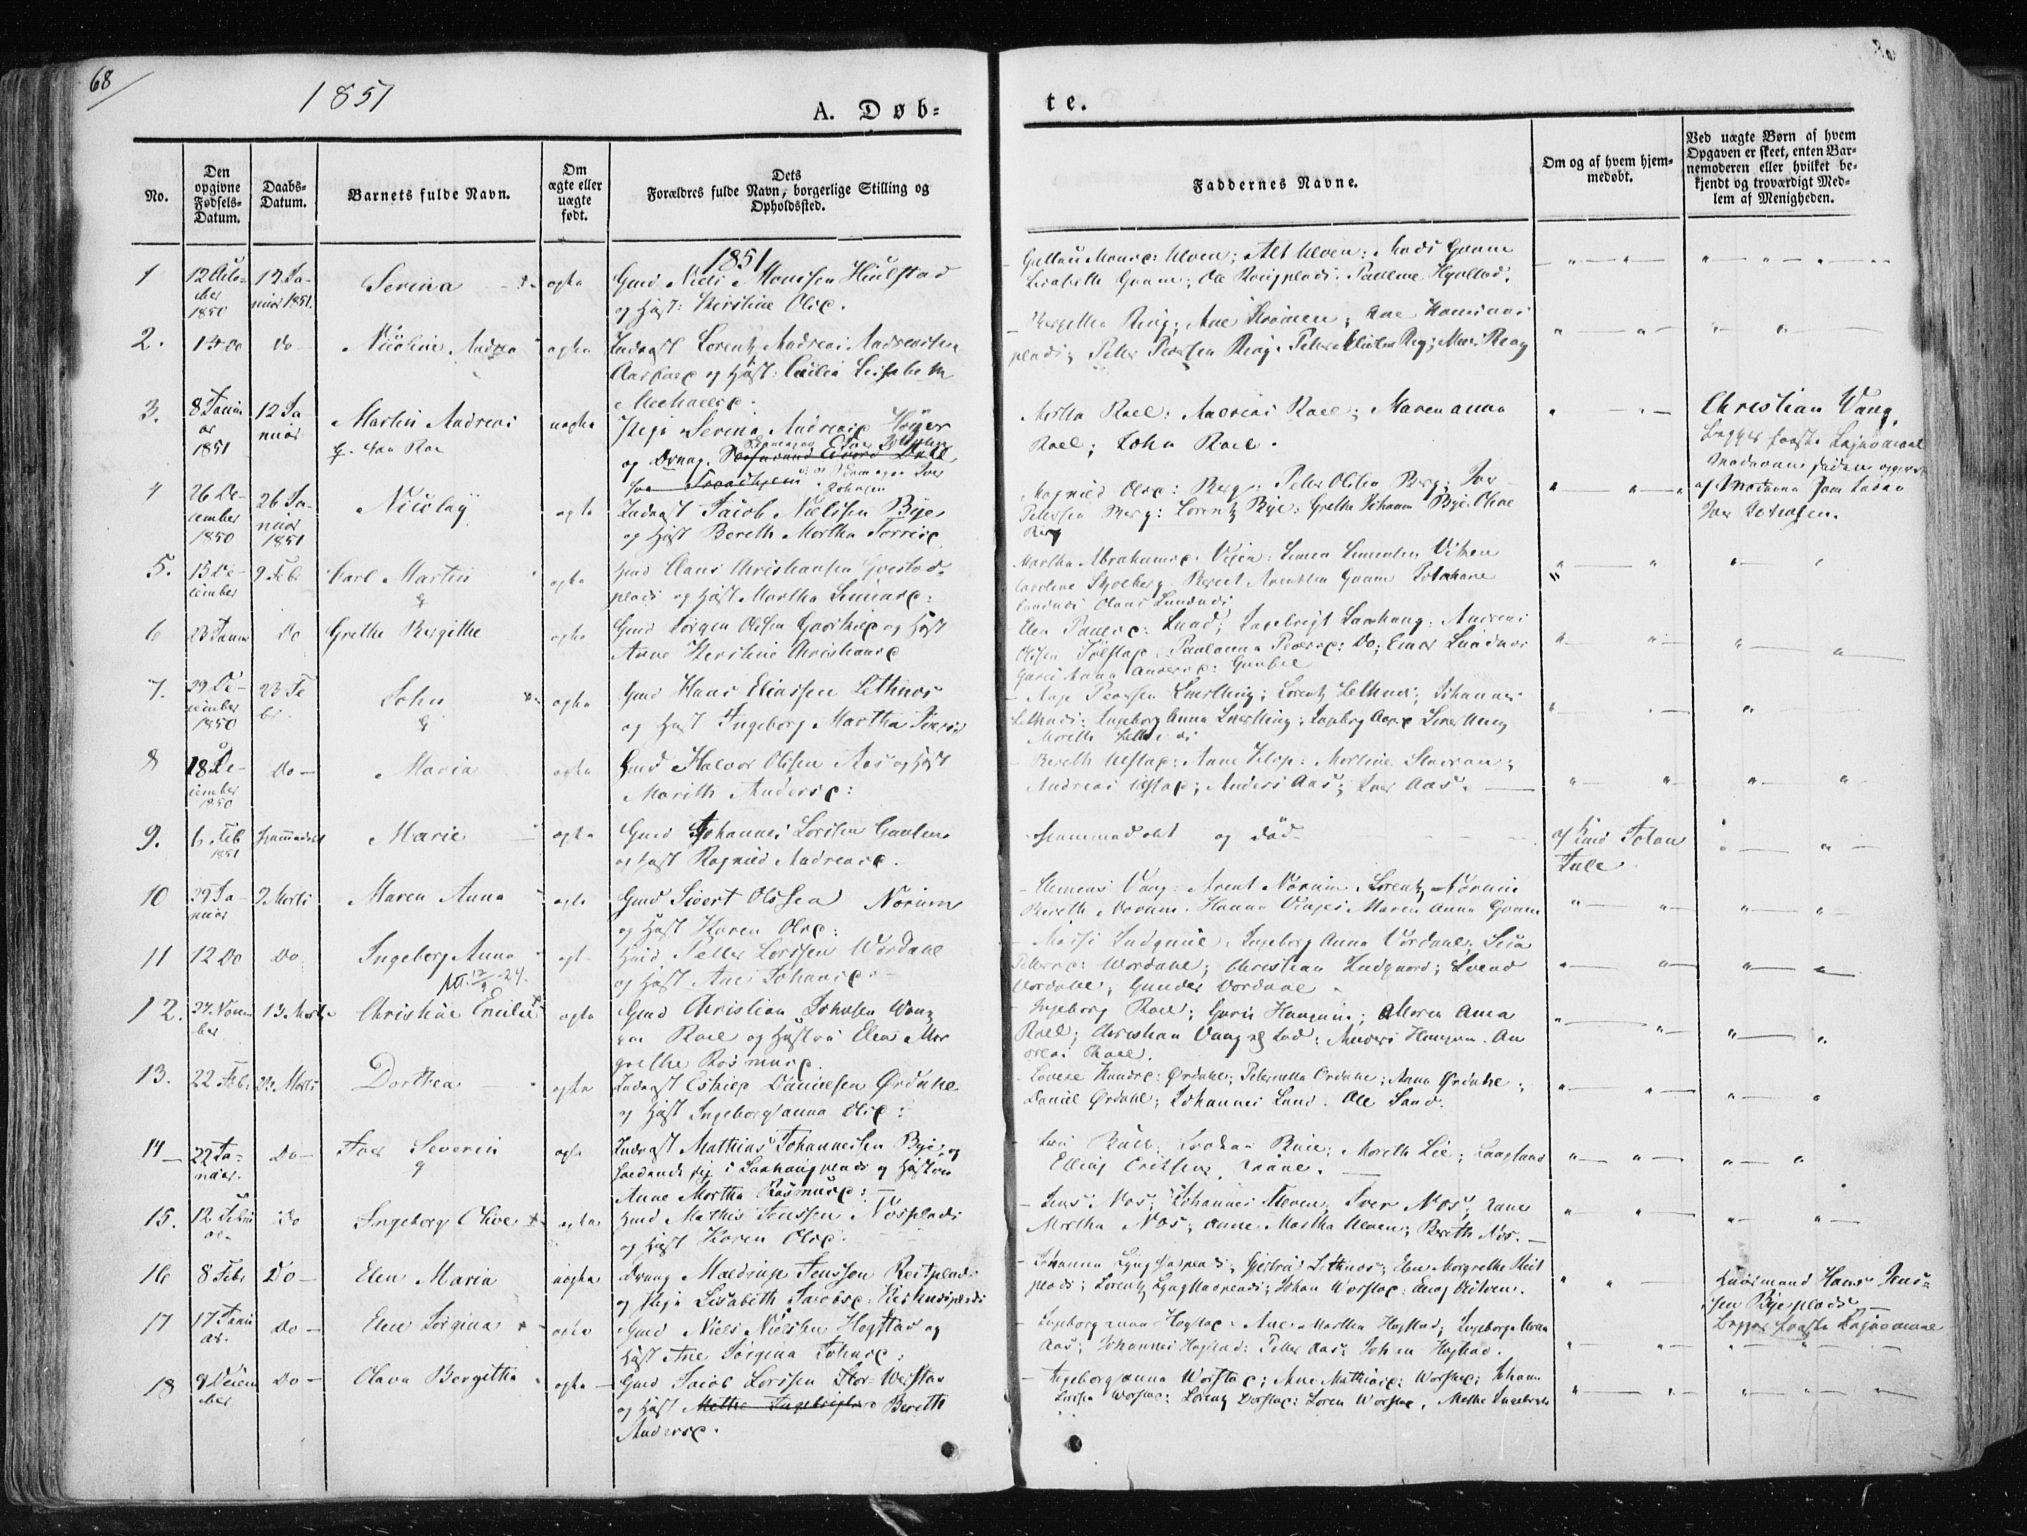 SAT, Ministerialprotokoller, klokkerbøker og fødselsregistre - Nord-Trøndelag, 730/L0280: Ministerialbok nr. 730A07 /1, 1840-1854, s. 68